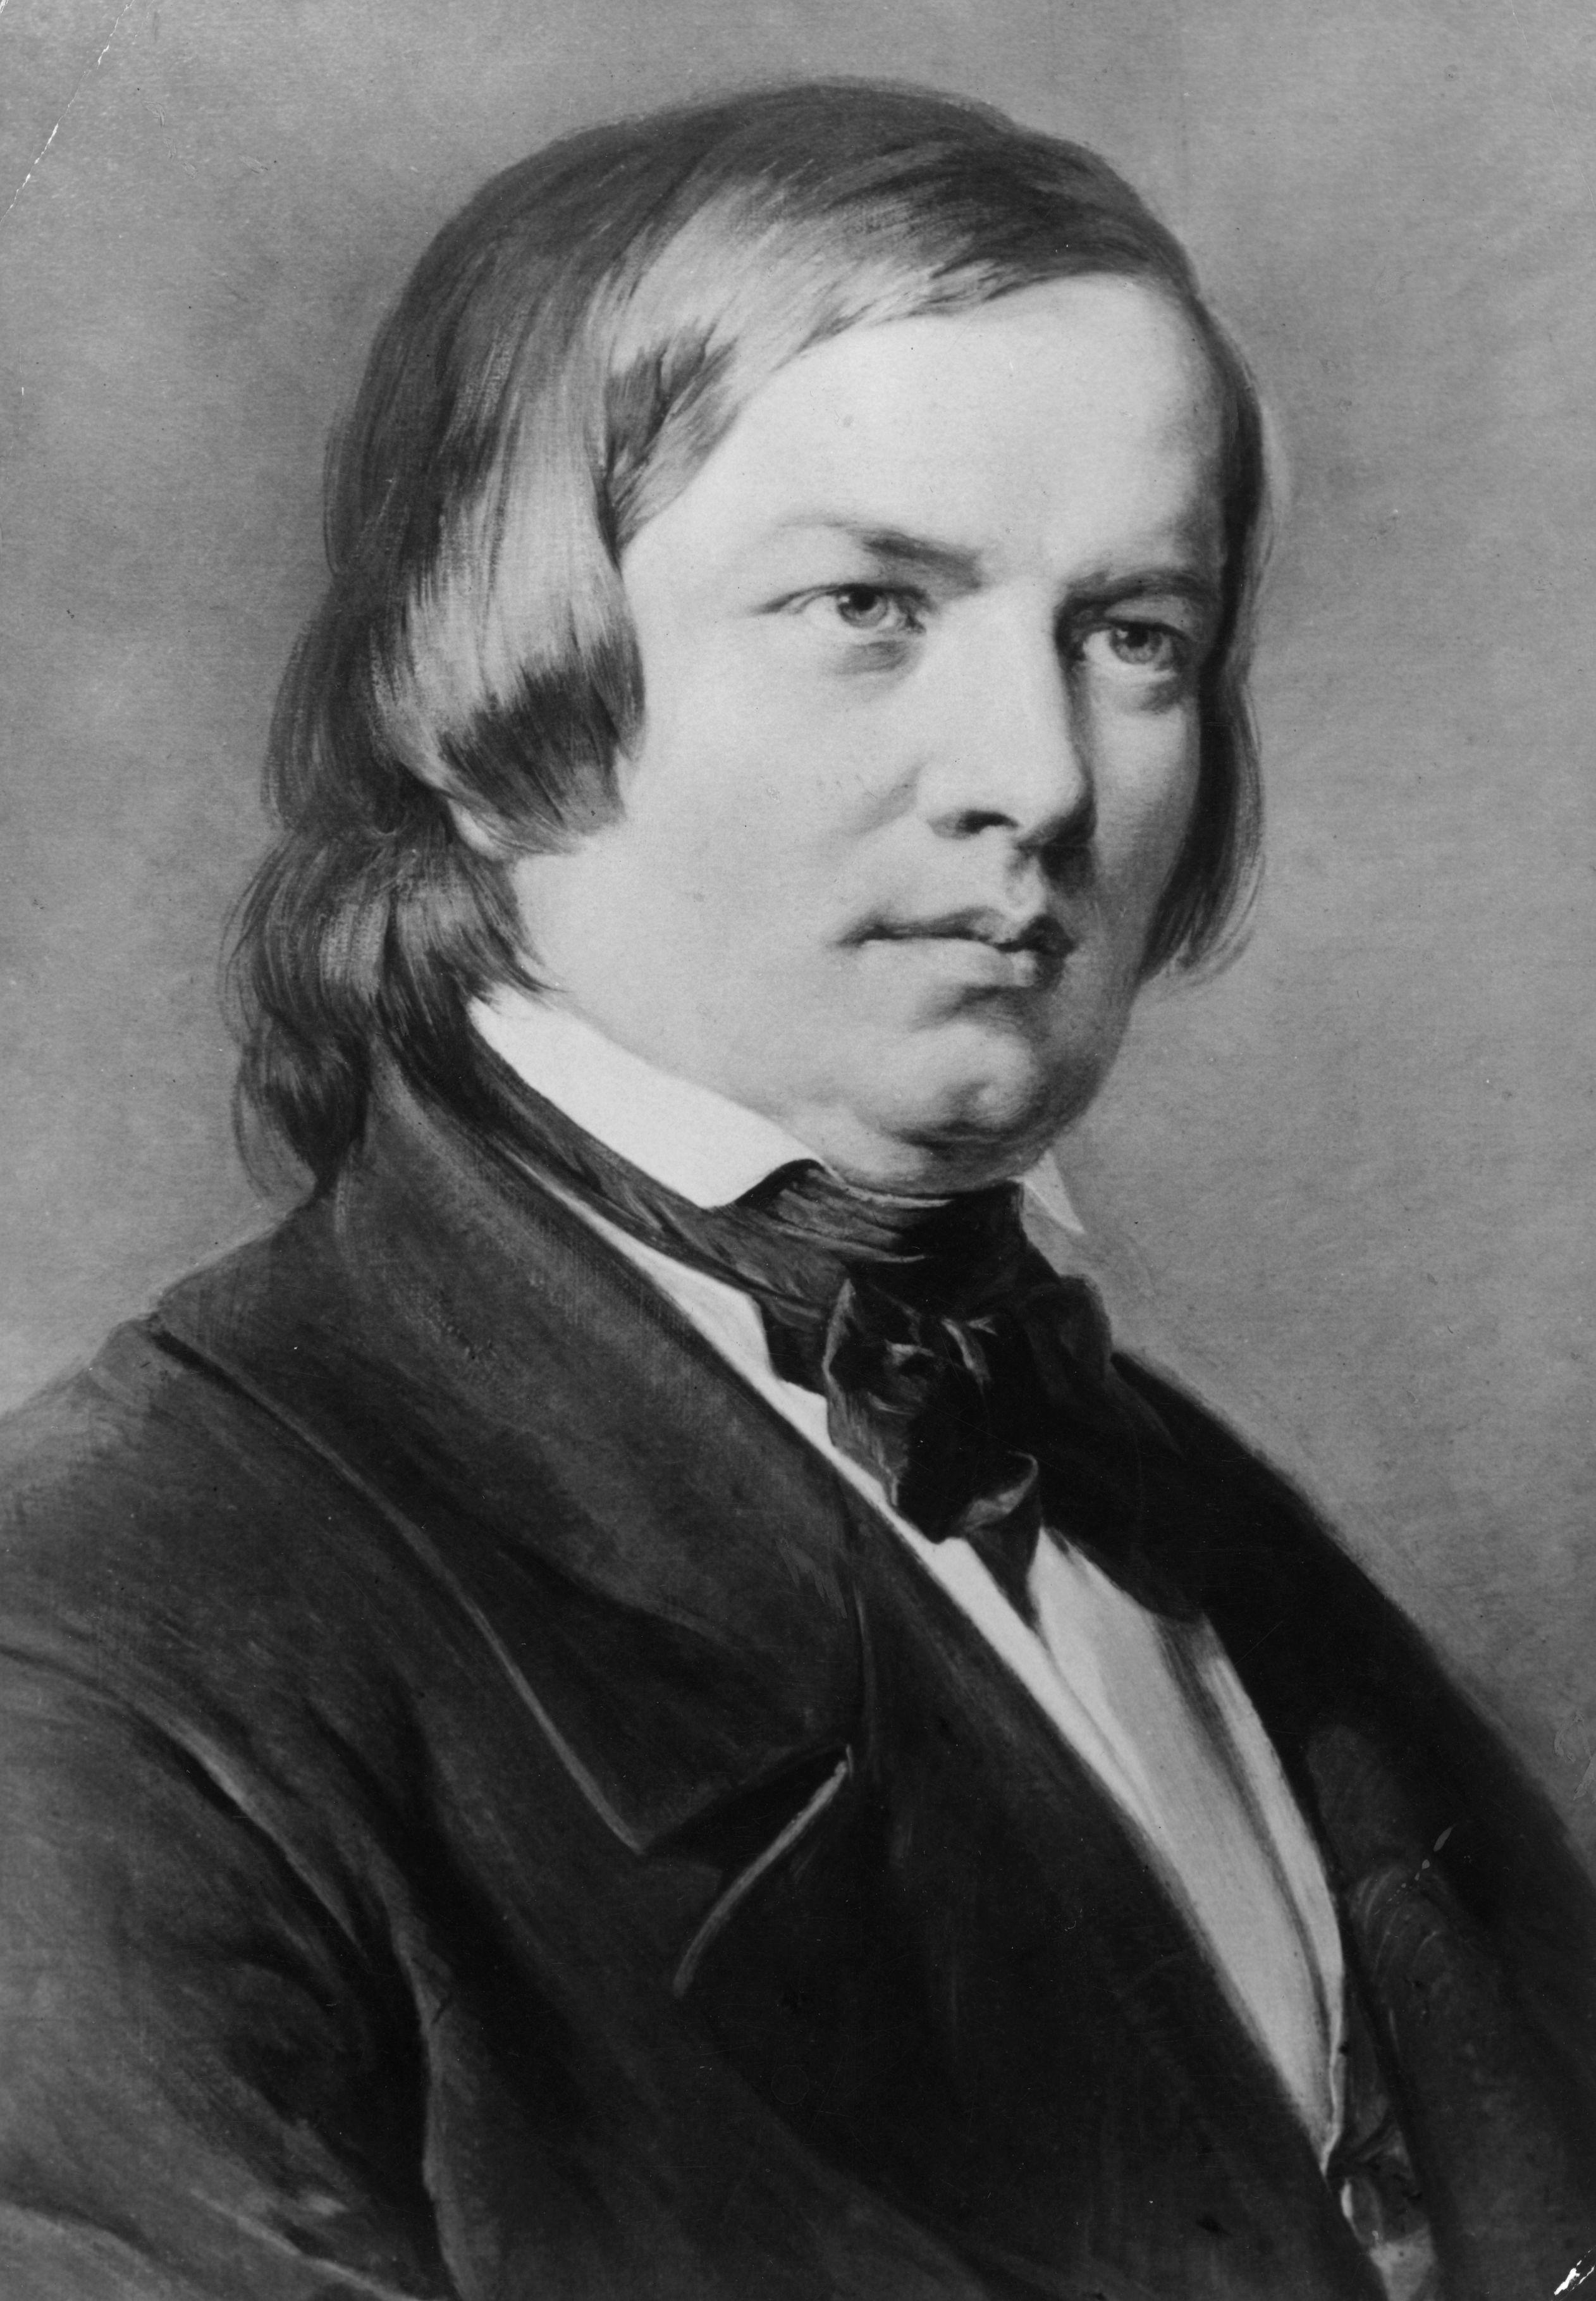 Resultado de imagen de robert schumann pianista